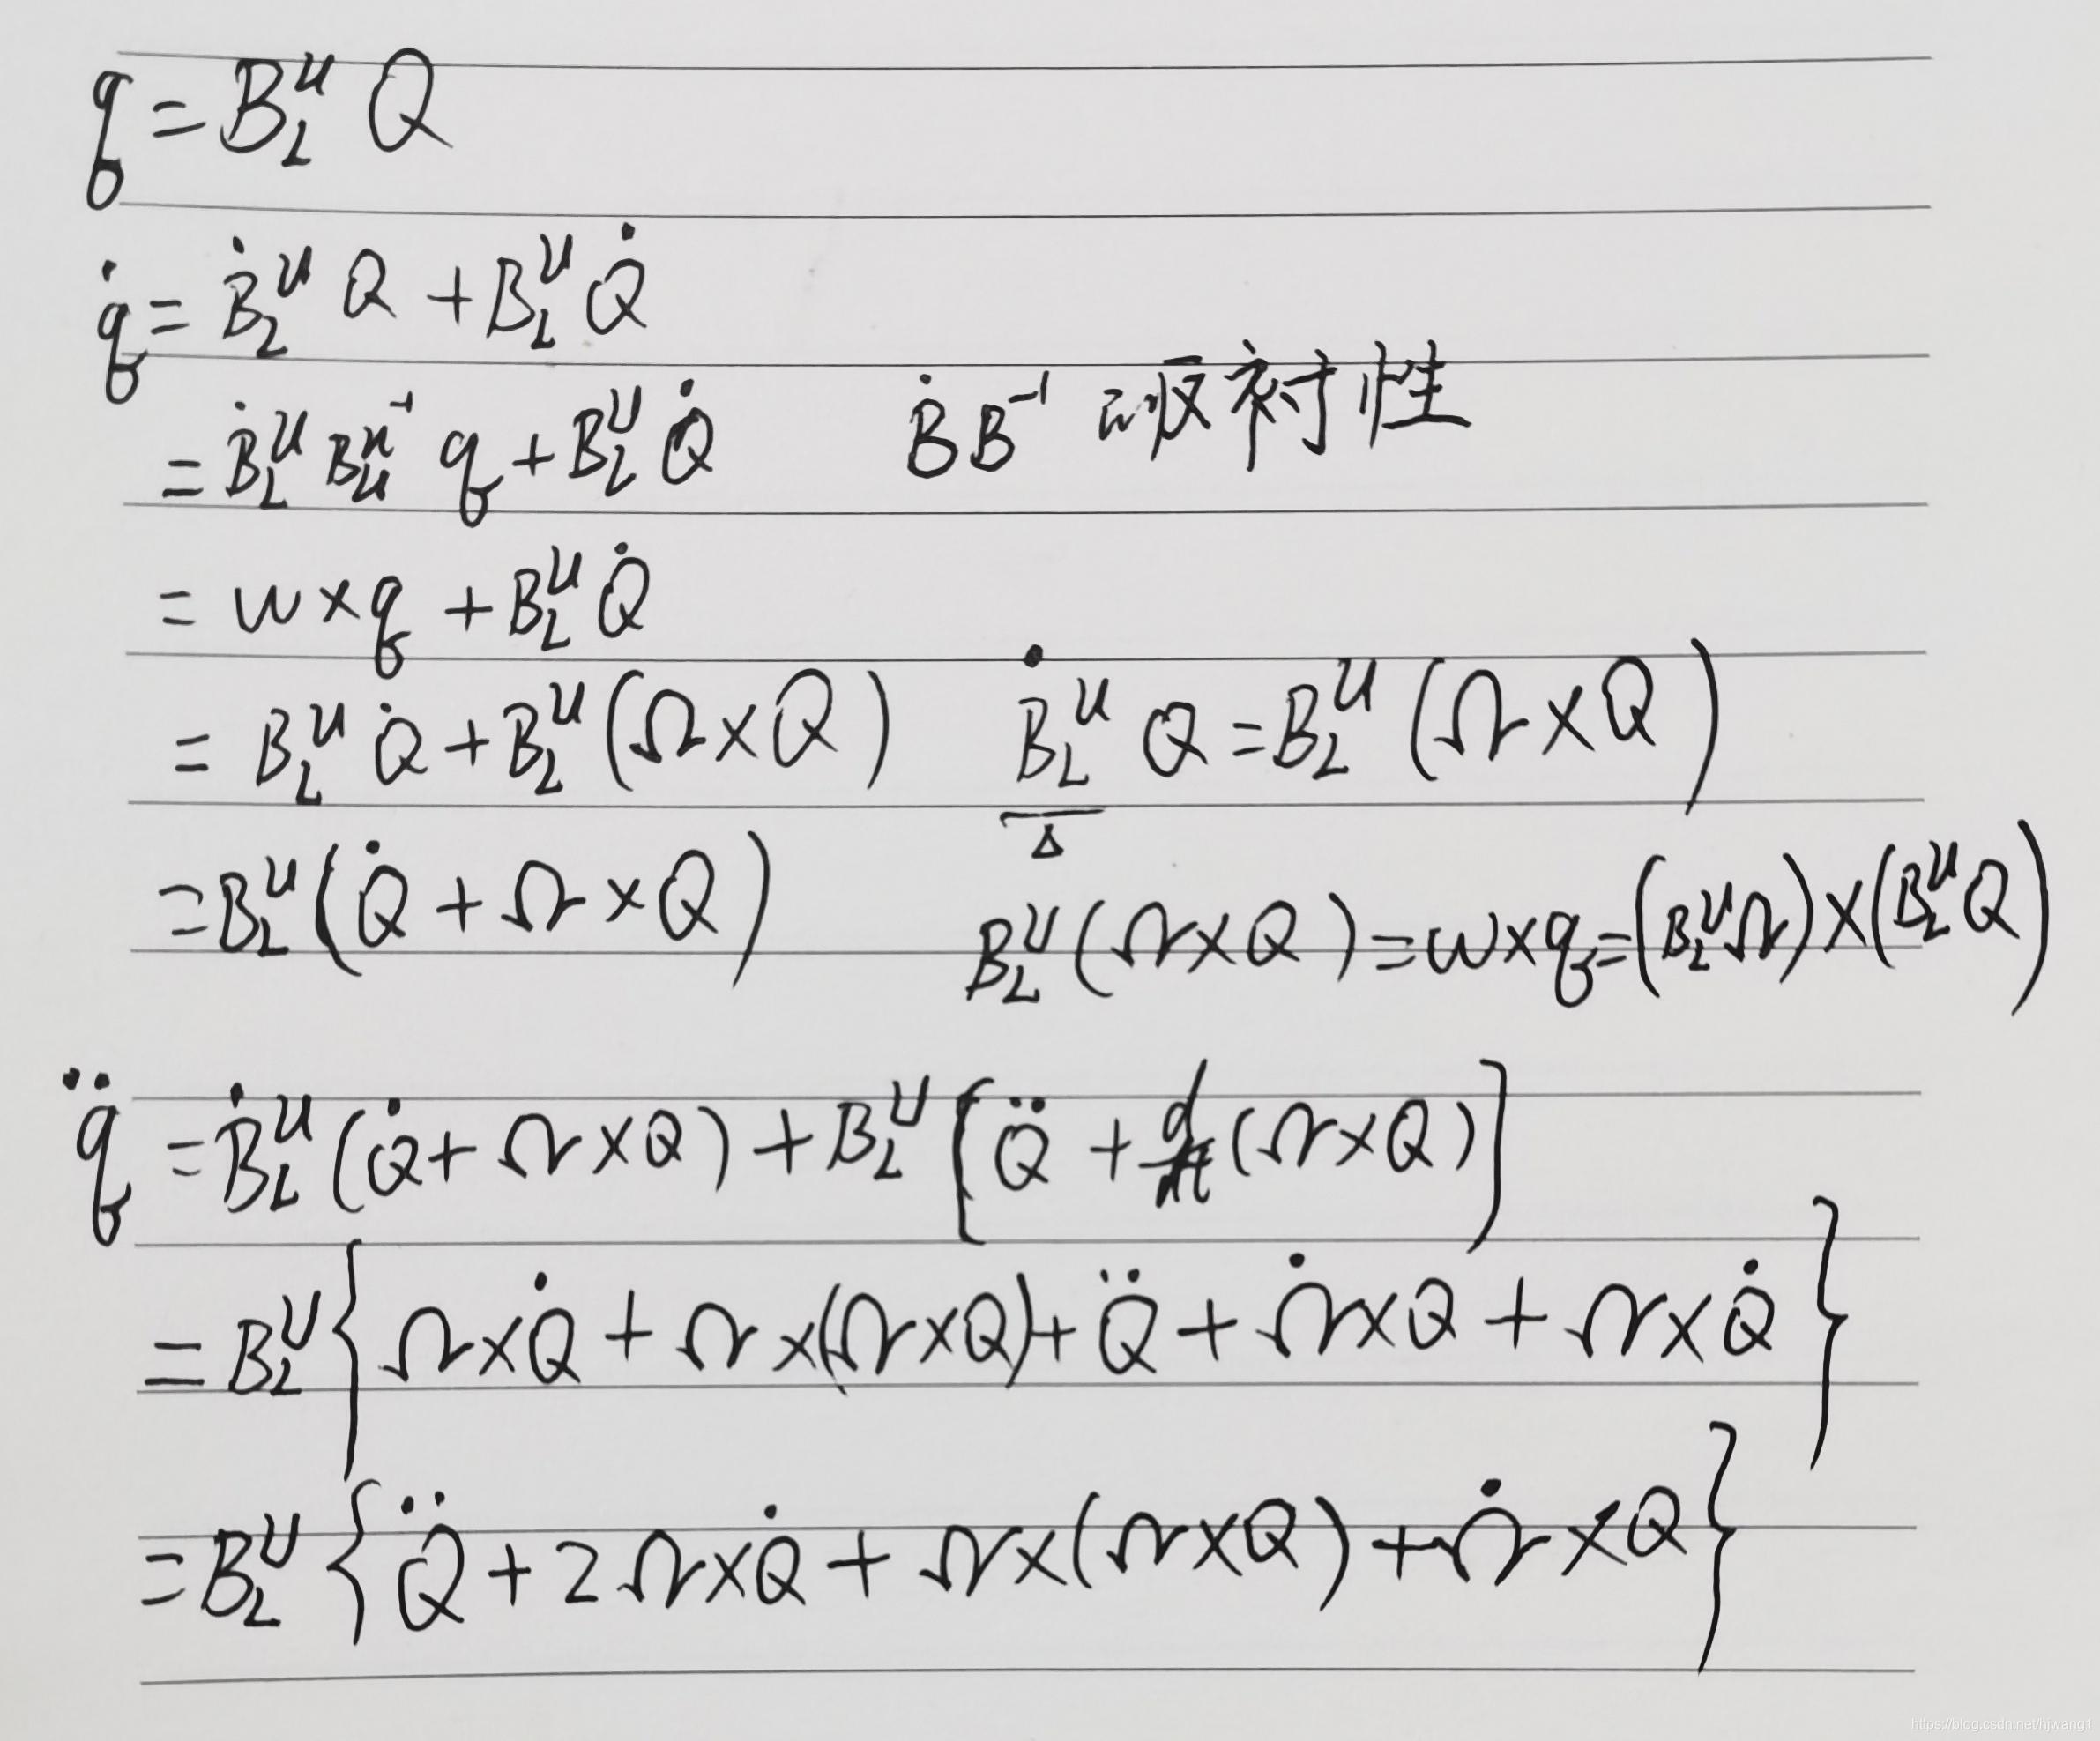 矢量求导之位移与速度及加速度